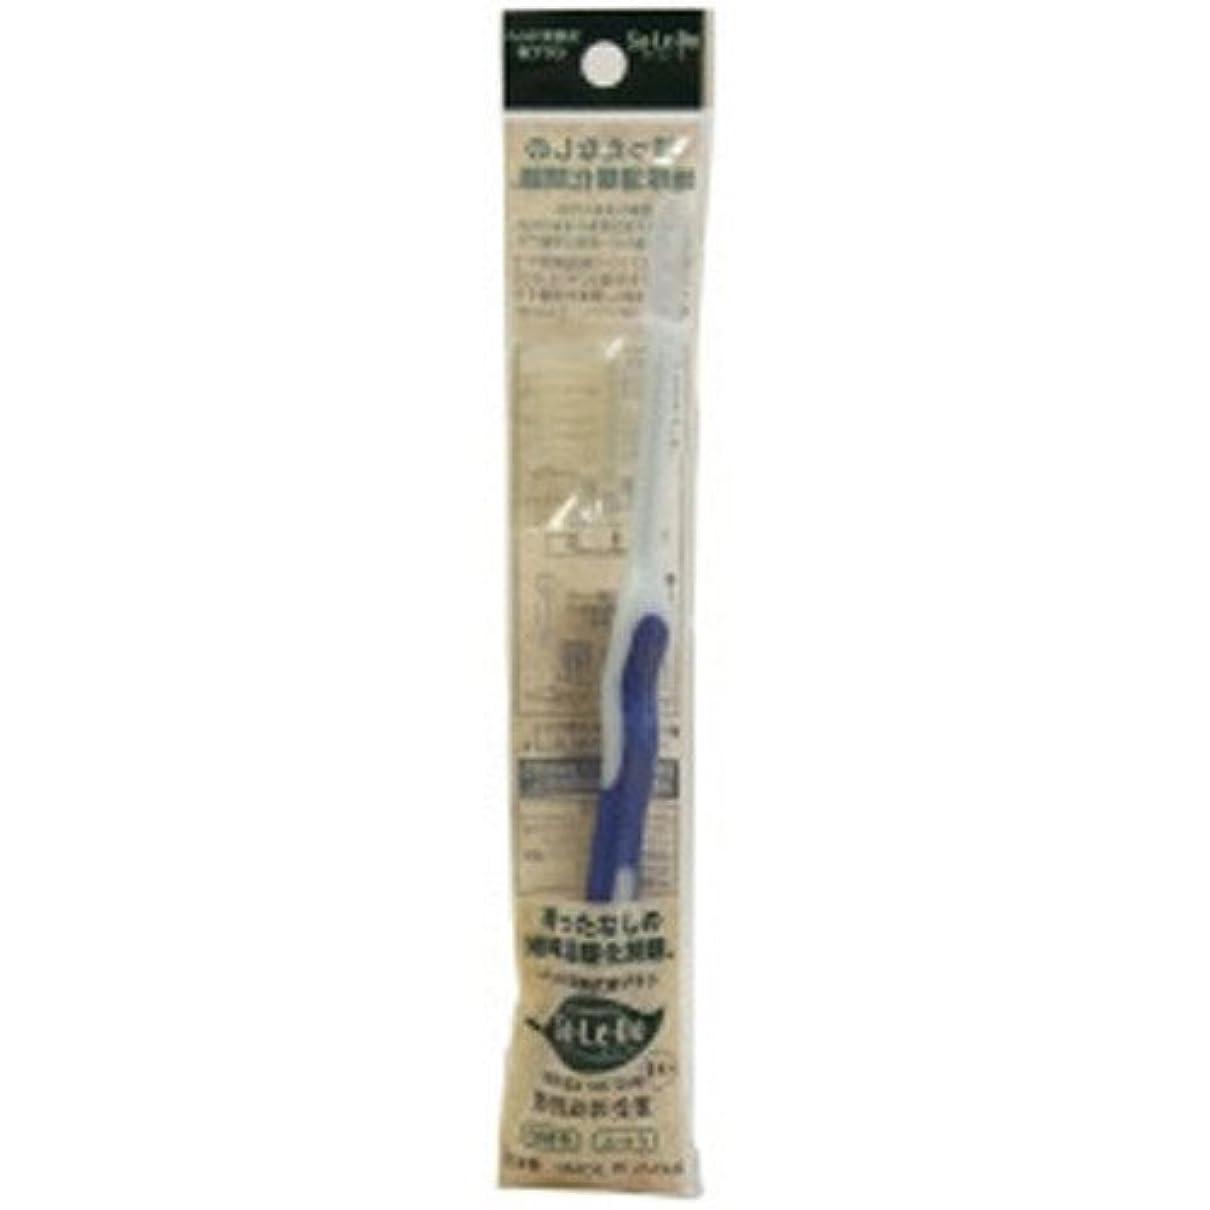 サレド ヘッド交換式歯ブラシ お試しセット レギュラーヘッド ブルー